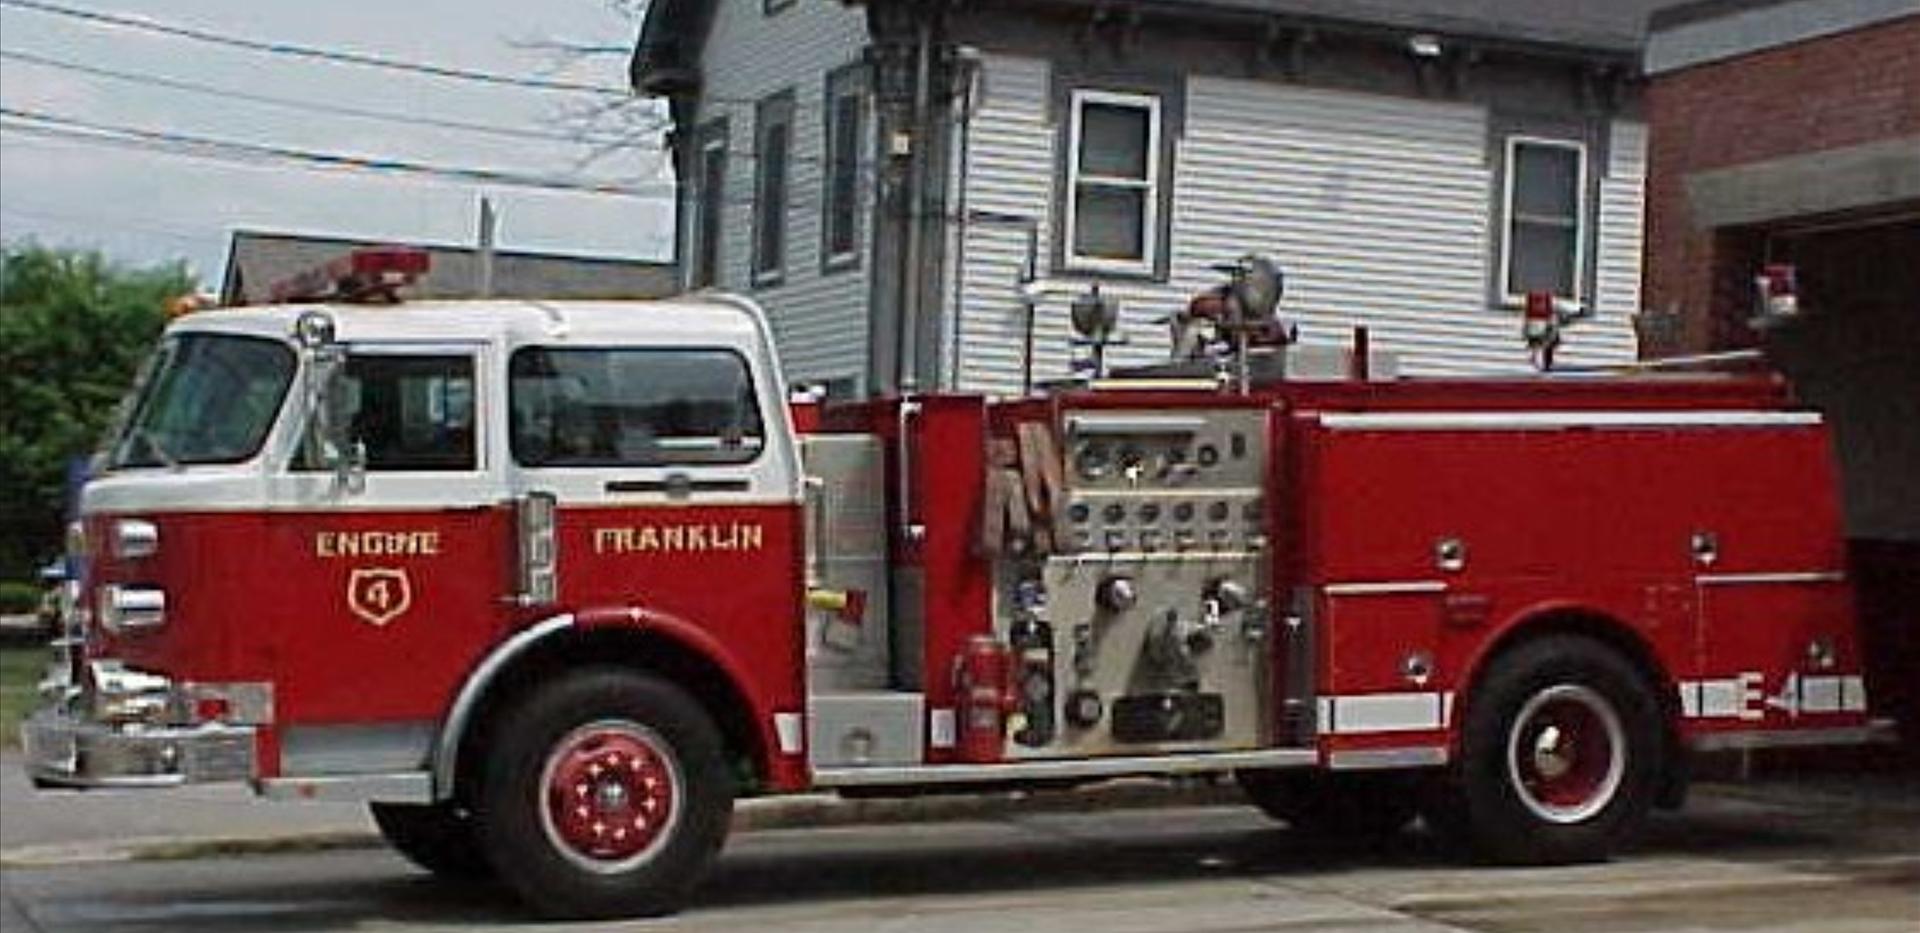 Franklin Engine 4 - 2.png